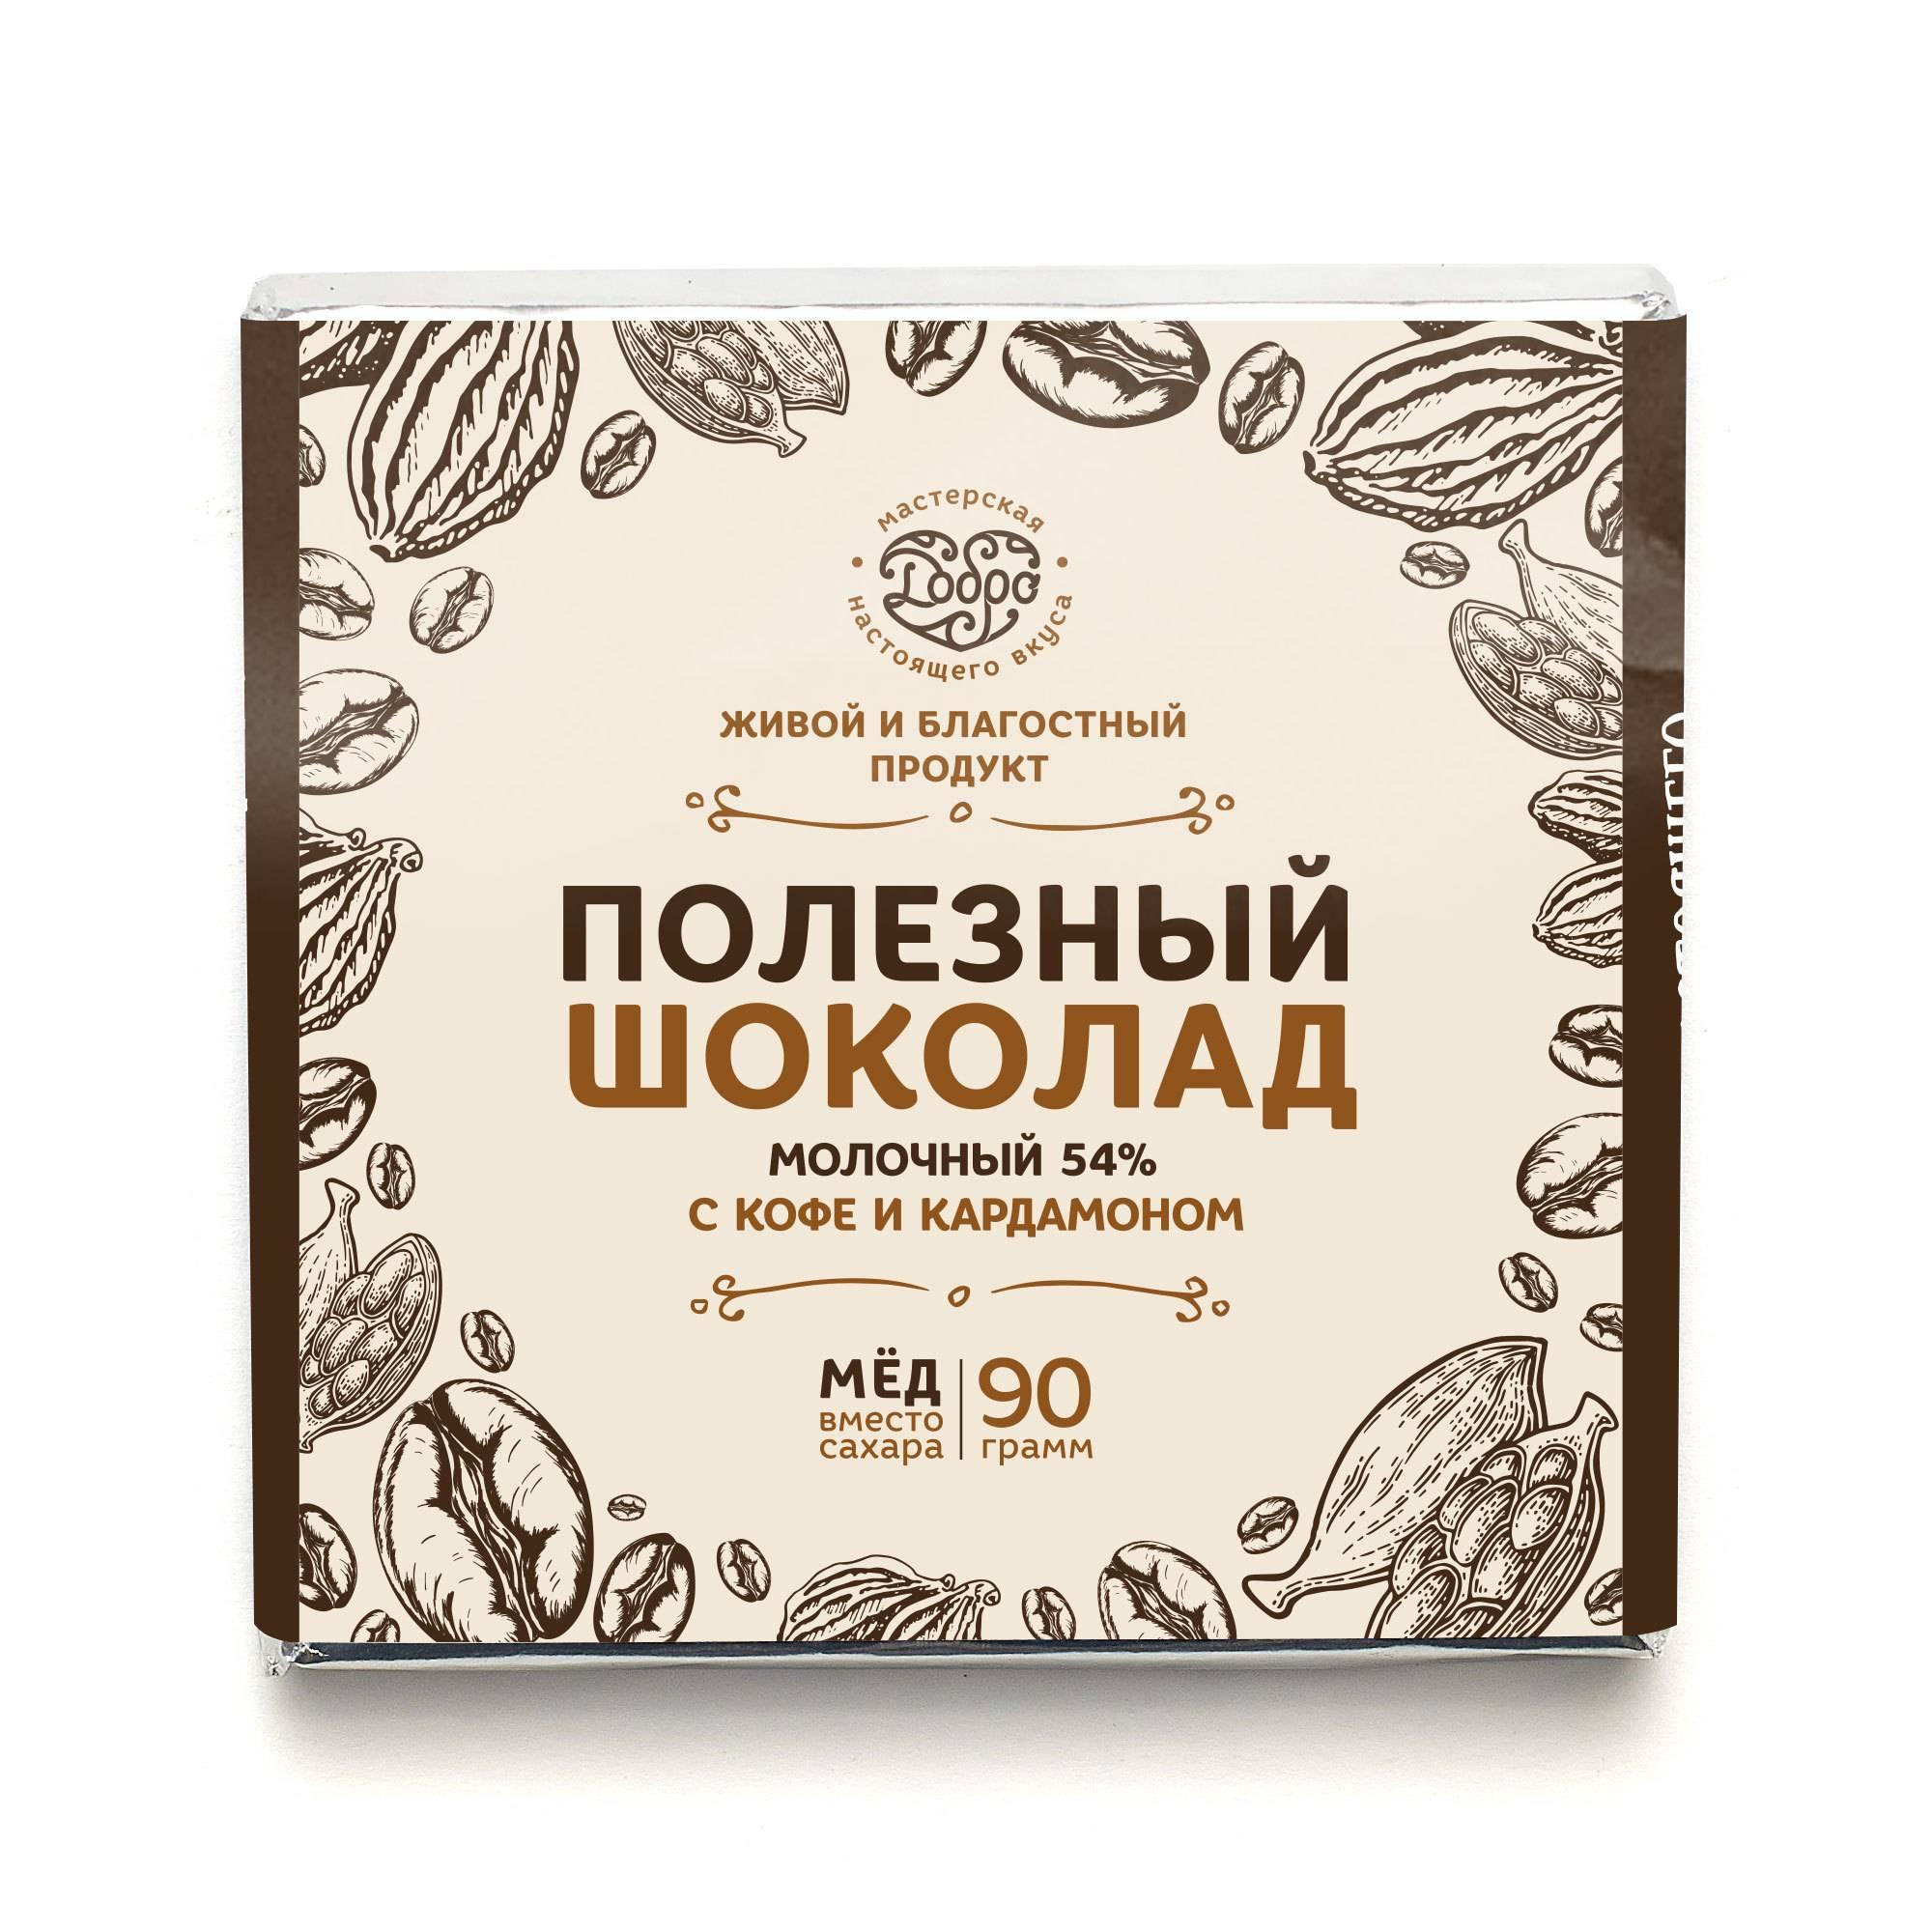 Как приготовить традиционный арабский кофе с кардамоном? на xcoffee.ru